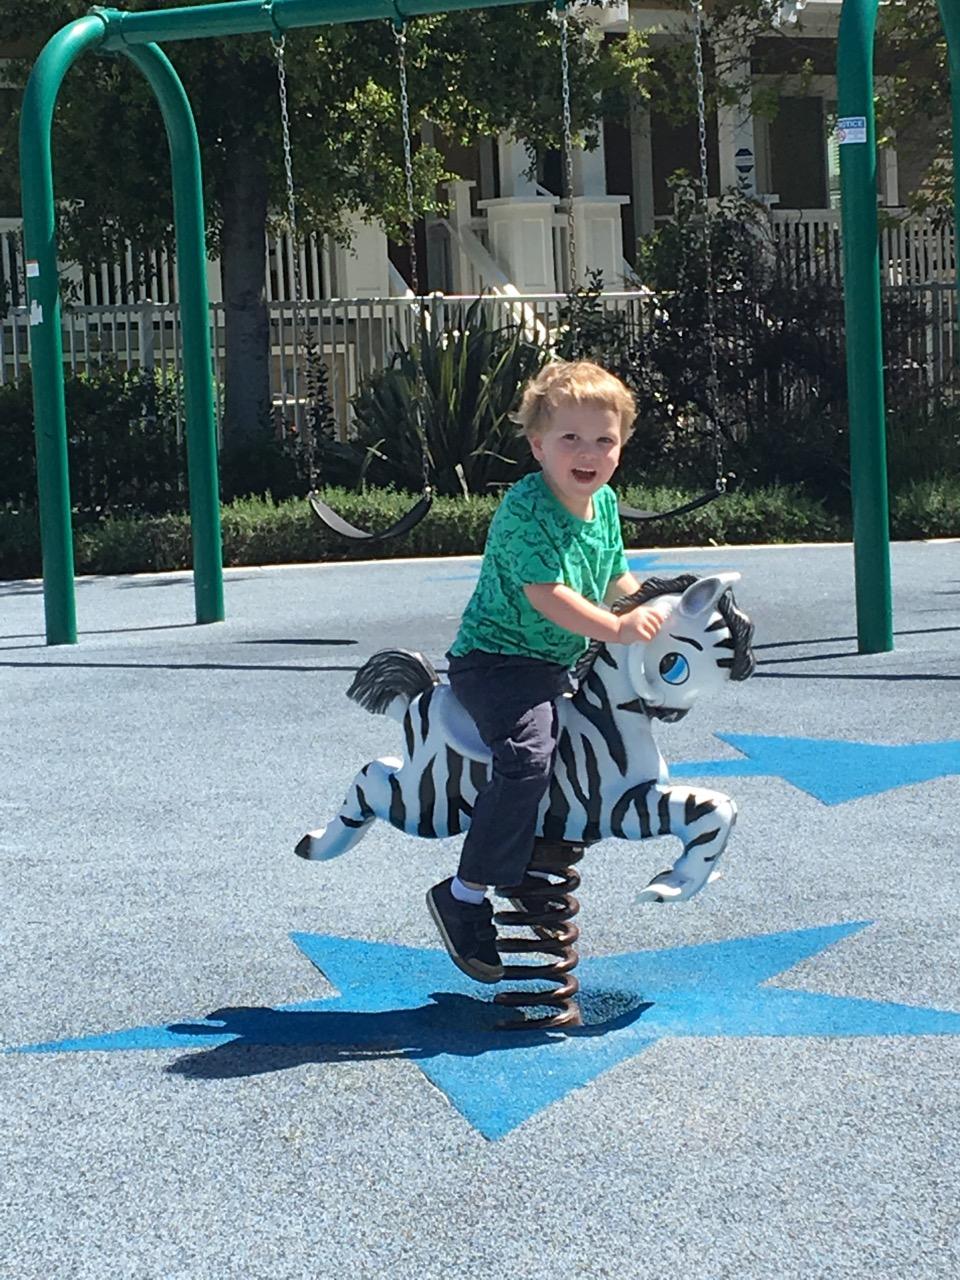 W13: Riding the zebra